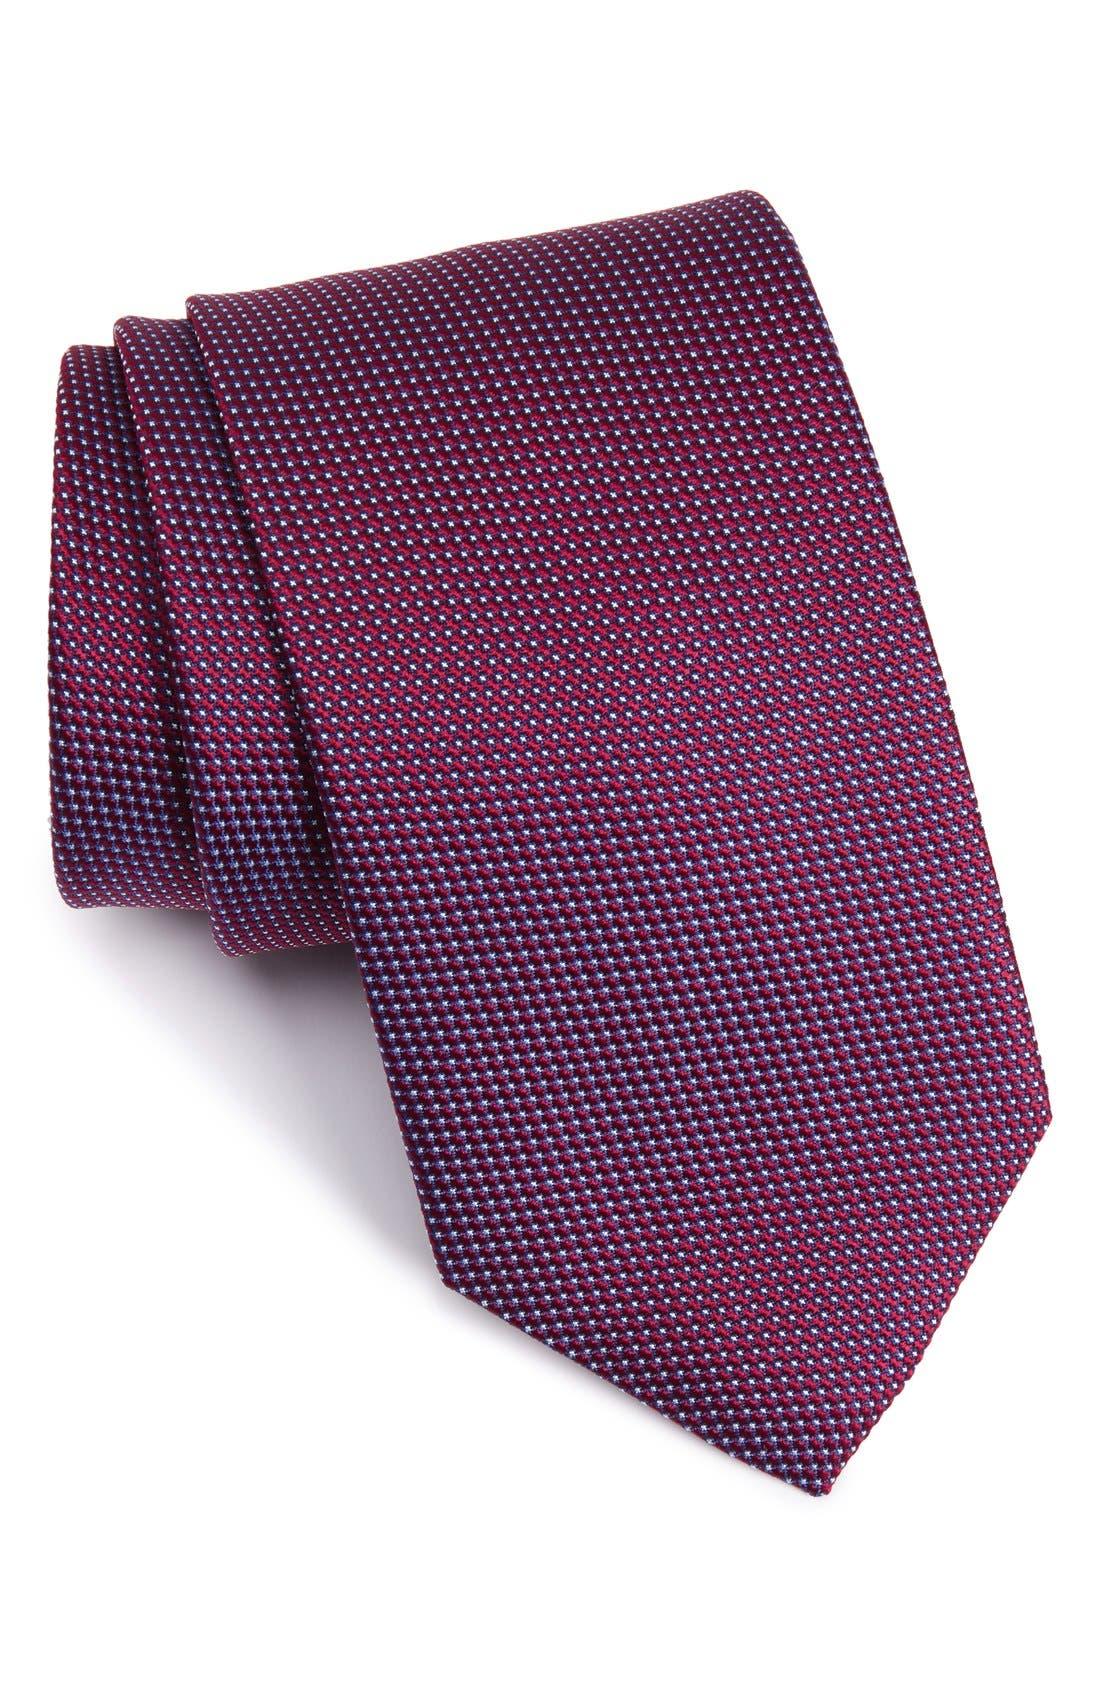 Eton Microdot Silk Tie